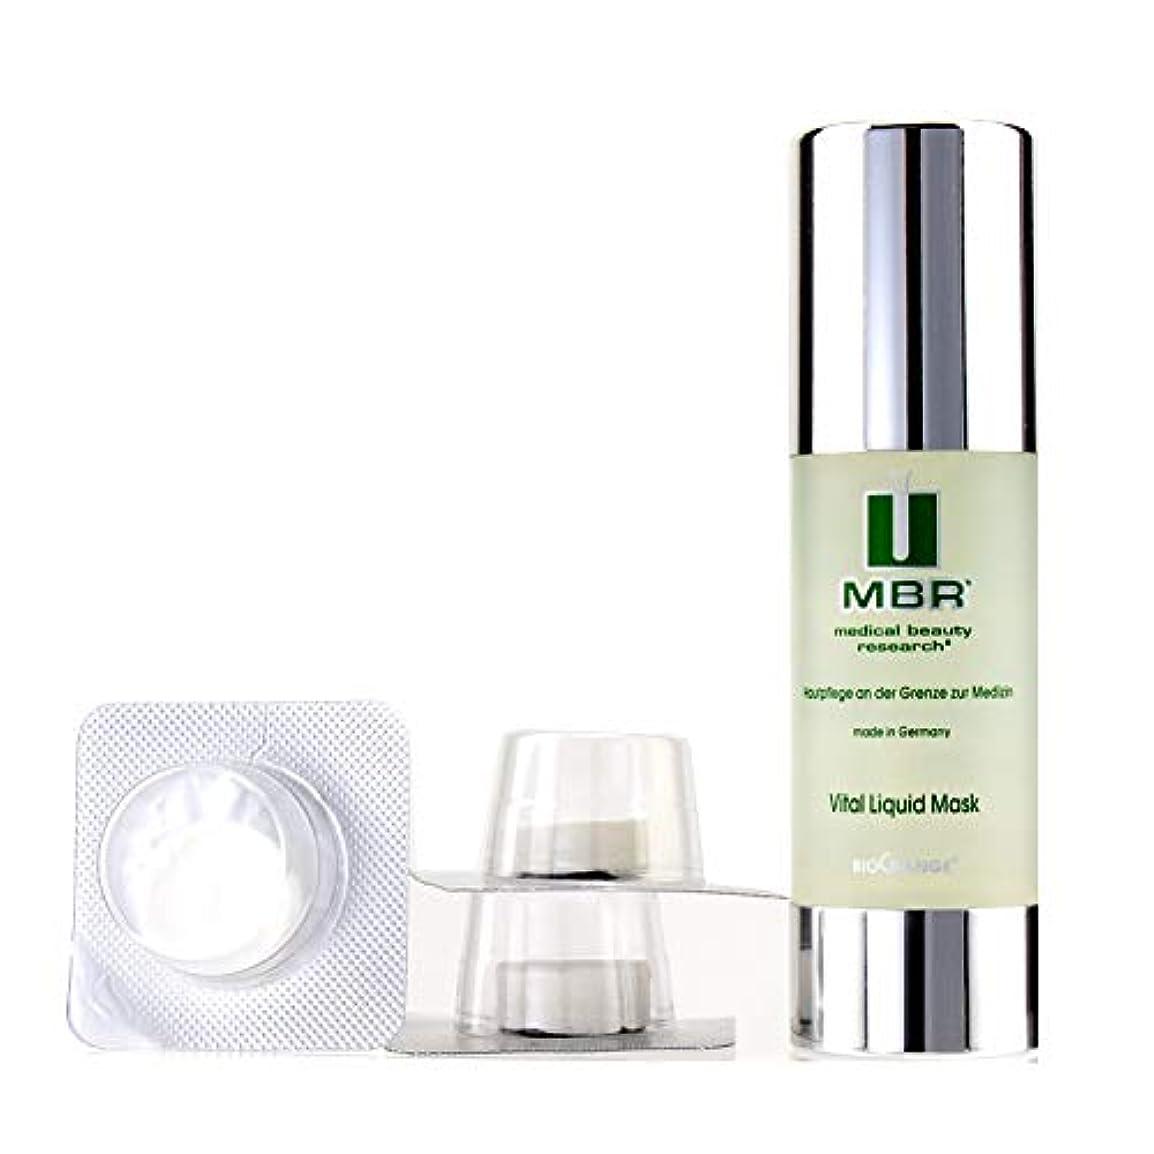 ミル韓国語原子MBR Medical Beauty Research BioChange Vital Liquid Mask 6applications並行輸入品